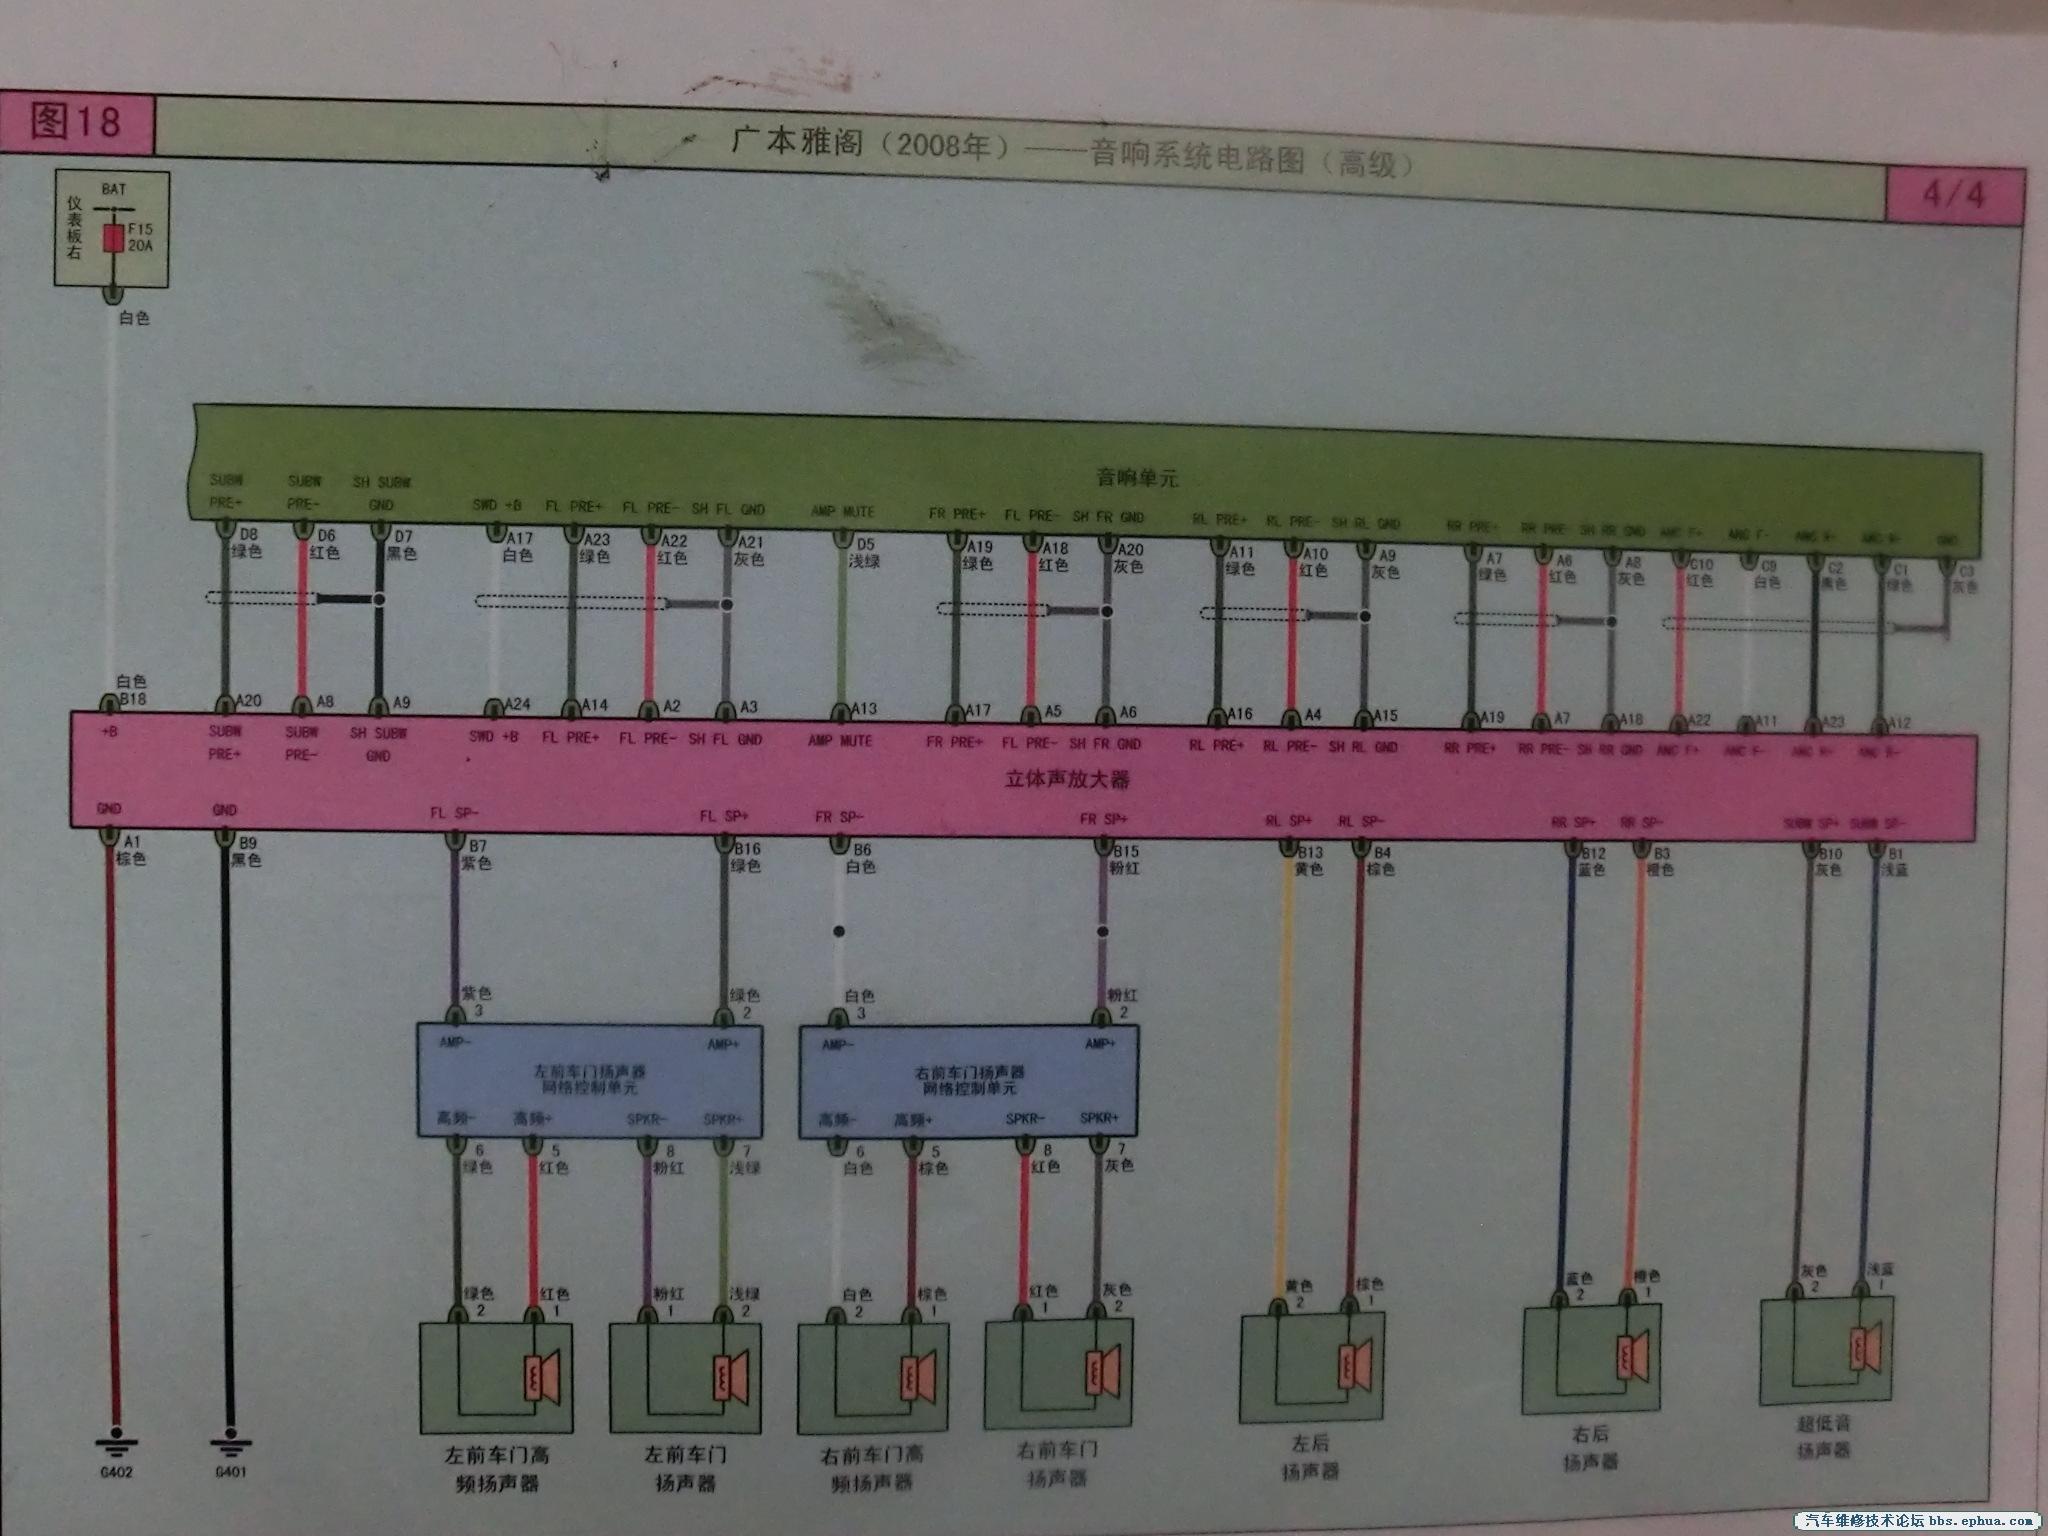 2008 款广本雅阁音响系统电路图